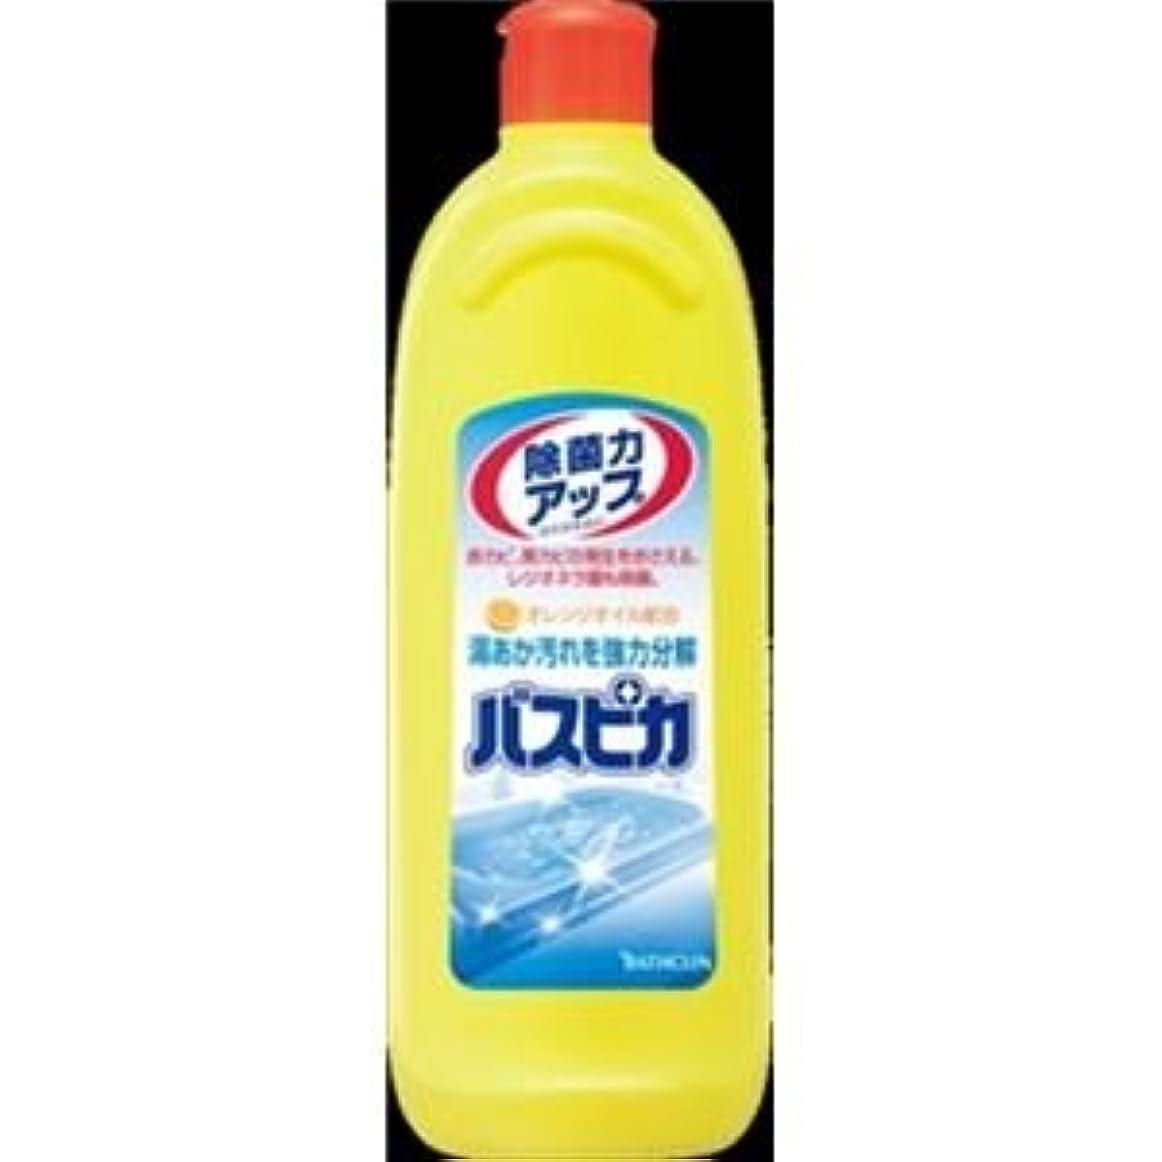 遠え反逆絞る(まとめ)バスクリン バスピカ ヤシ油 【×5点セット】